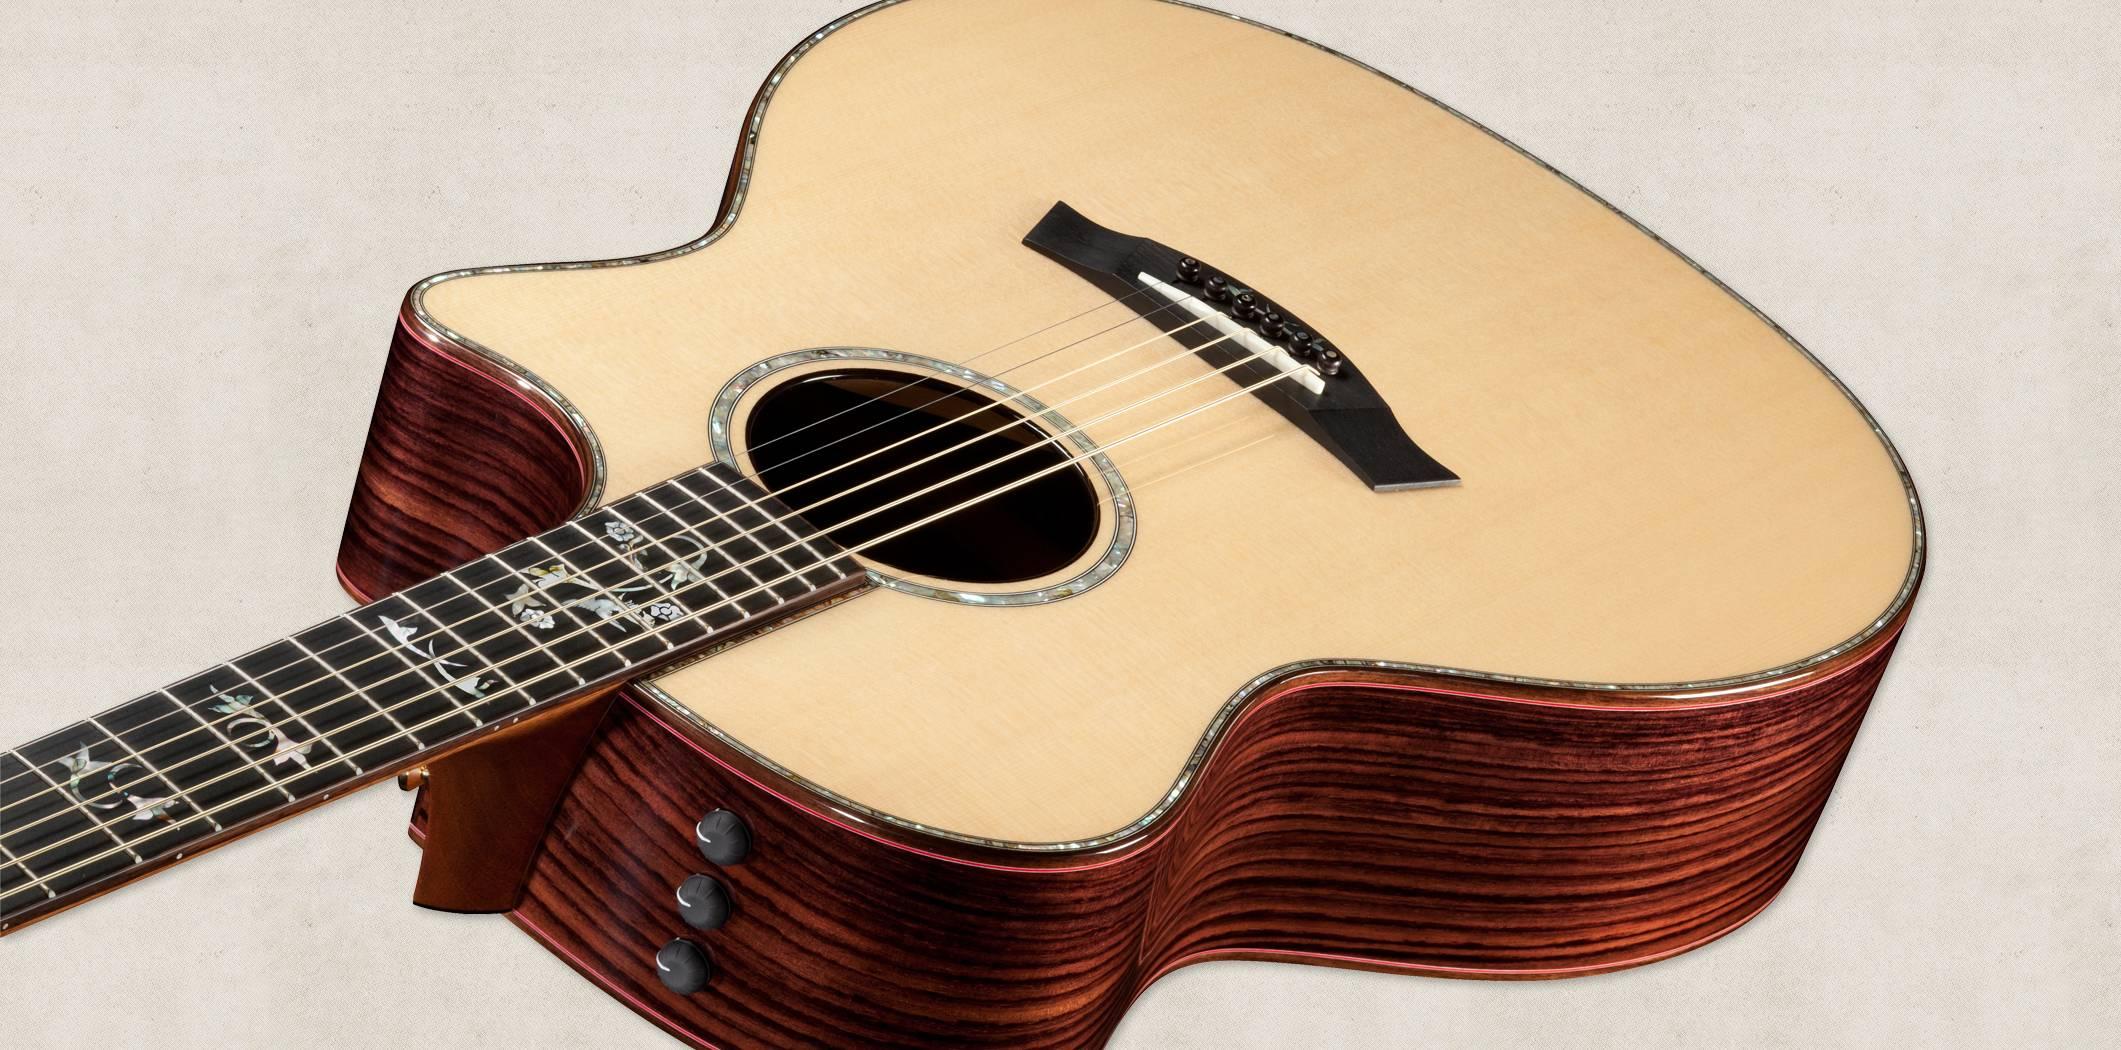 Taylor Guitar Wallpape...